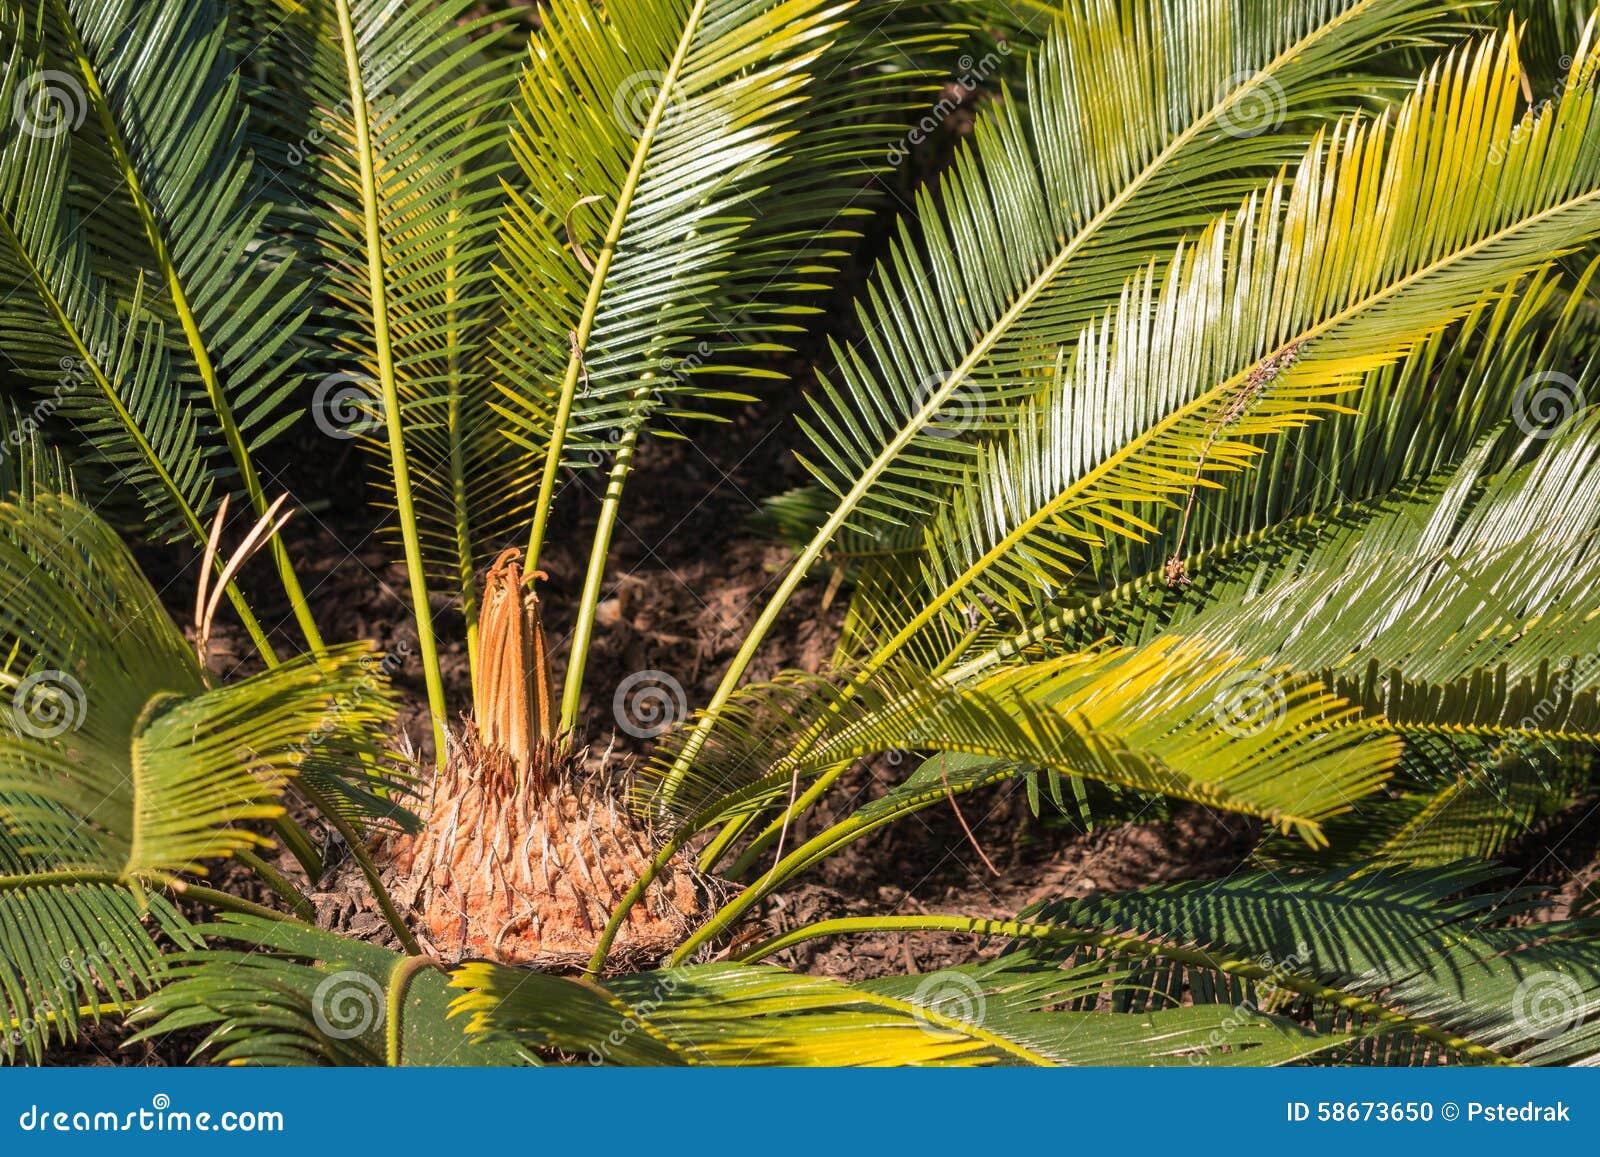 西米苏铁科的植物叶子和玫瑰华饰特写镜头.图片